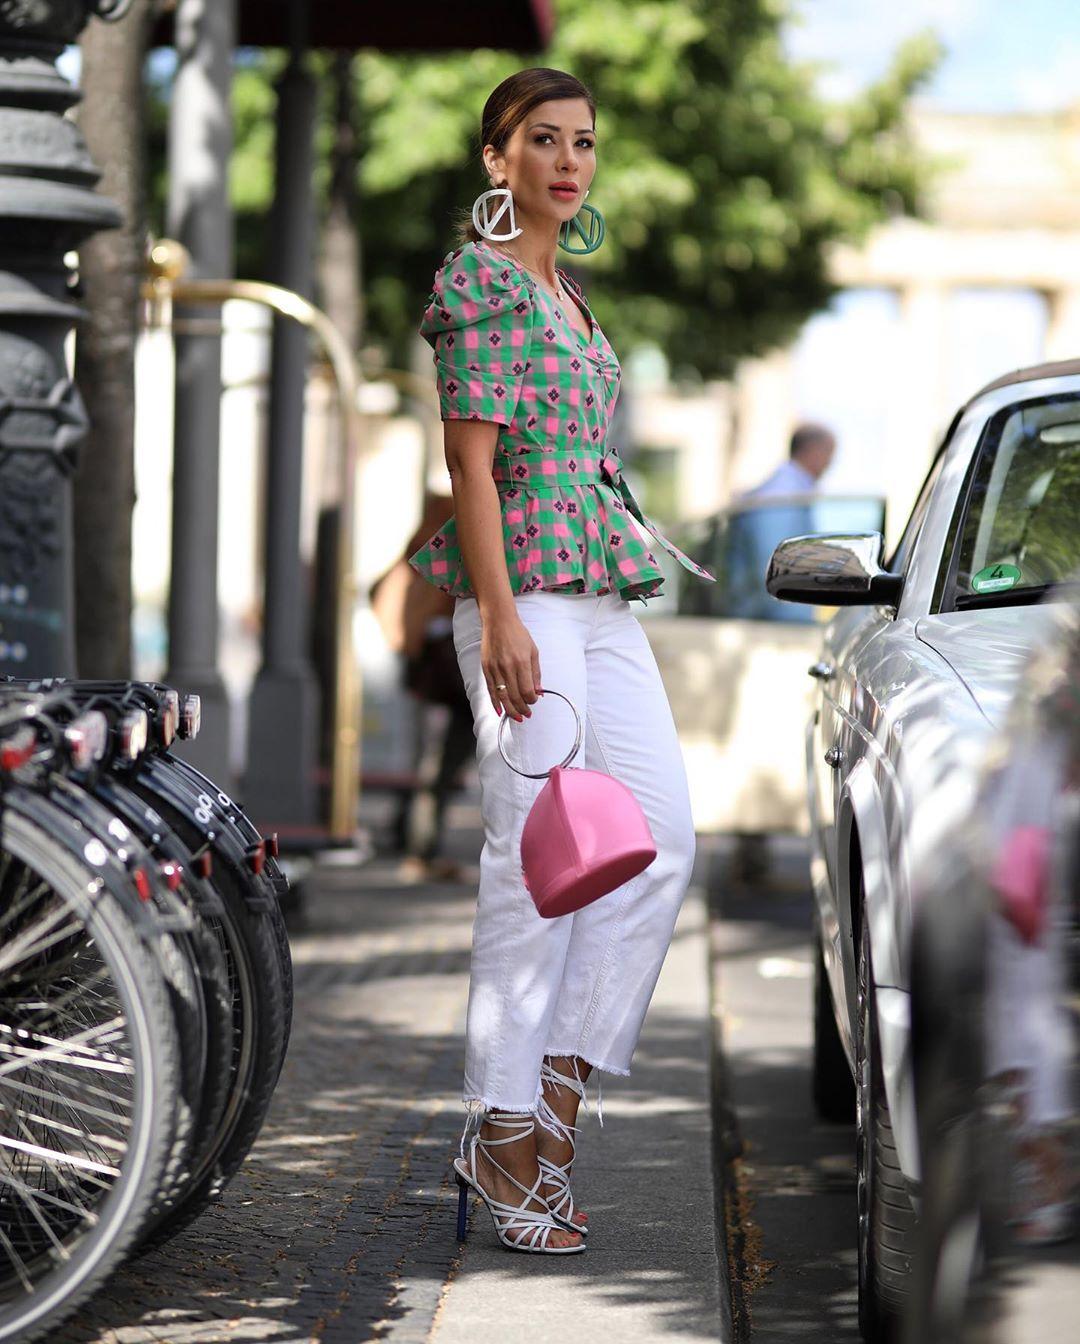 модный летние образы для бизнес-леди фото 4